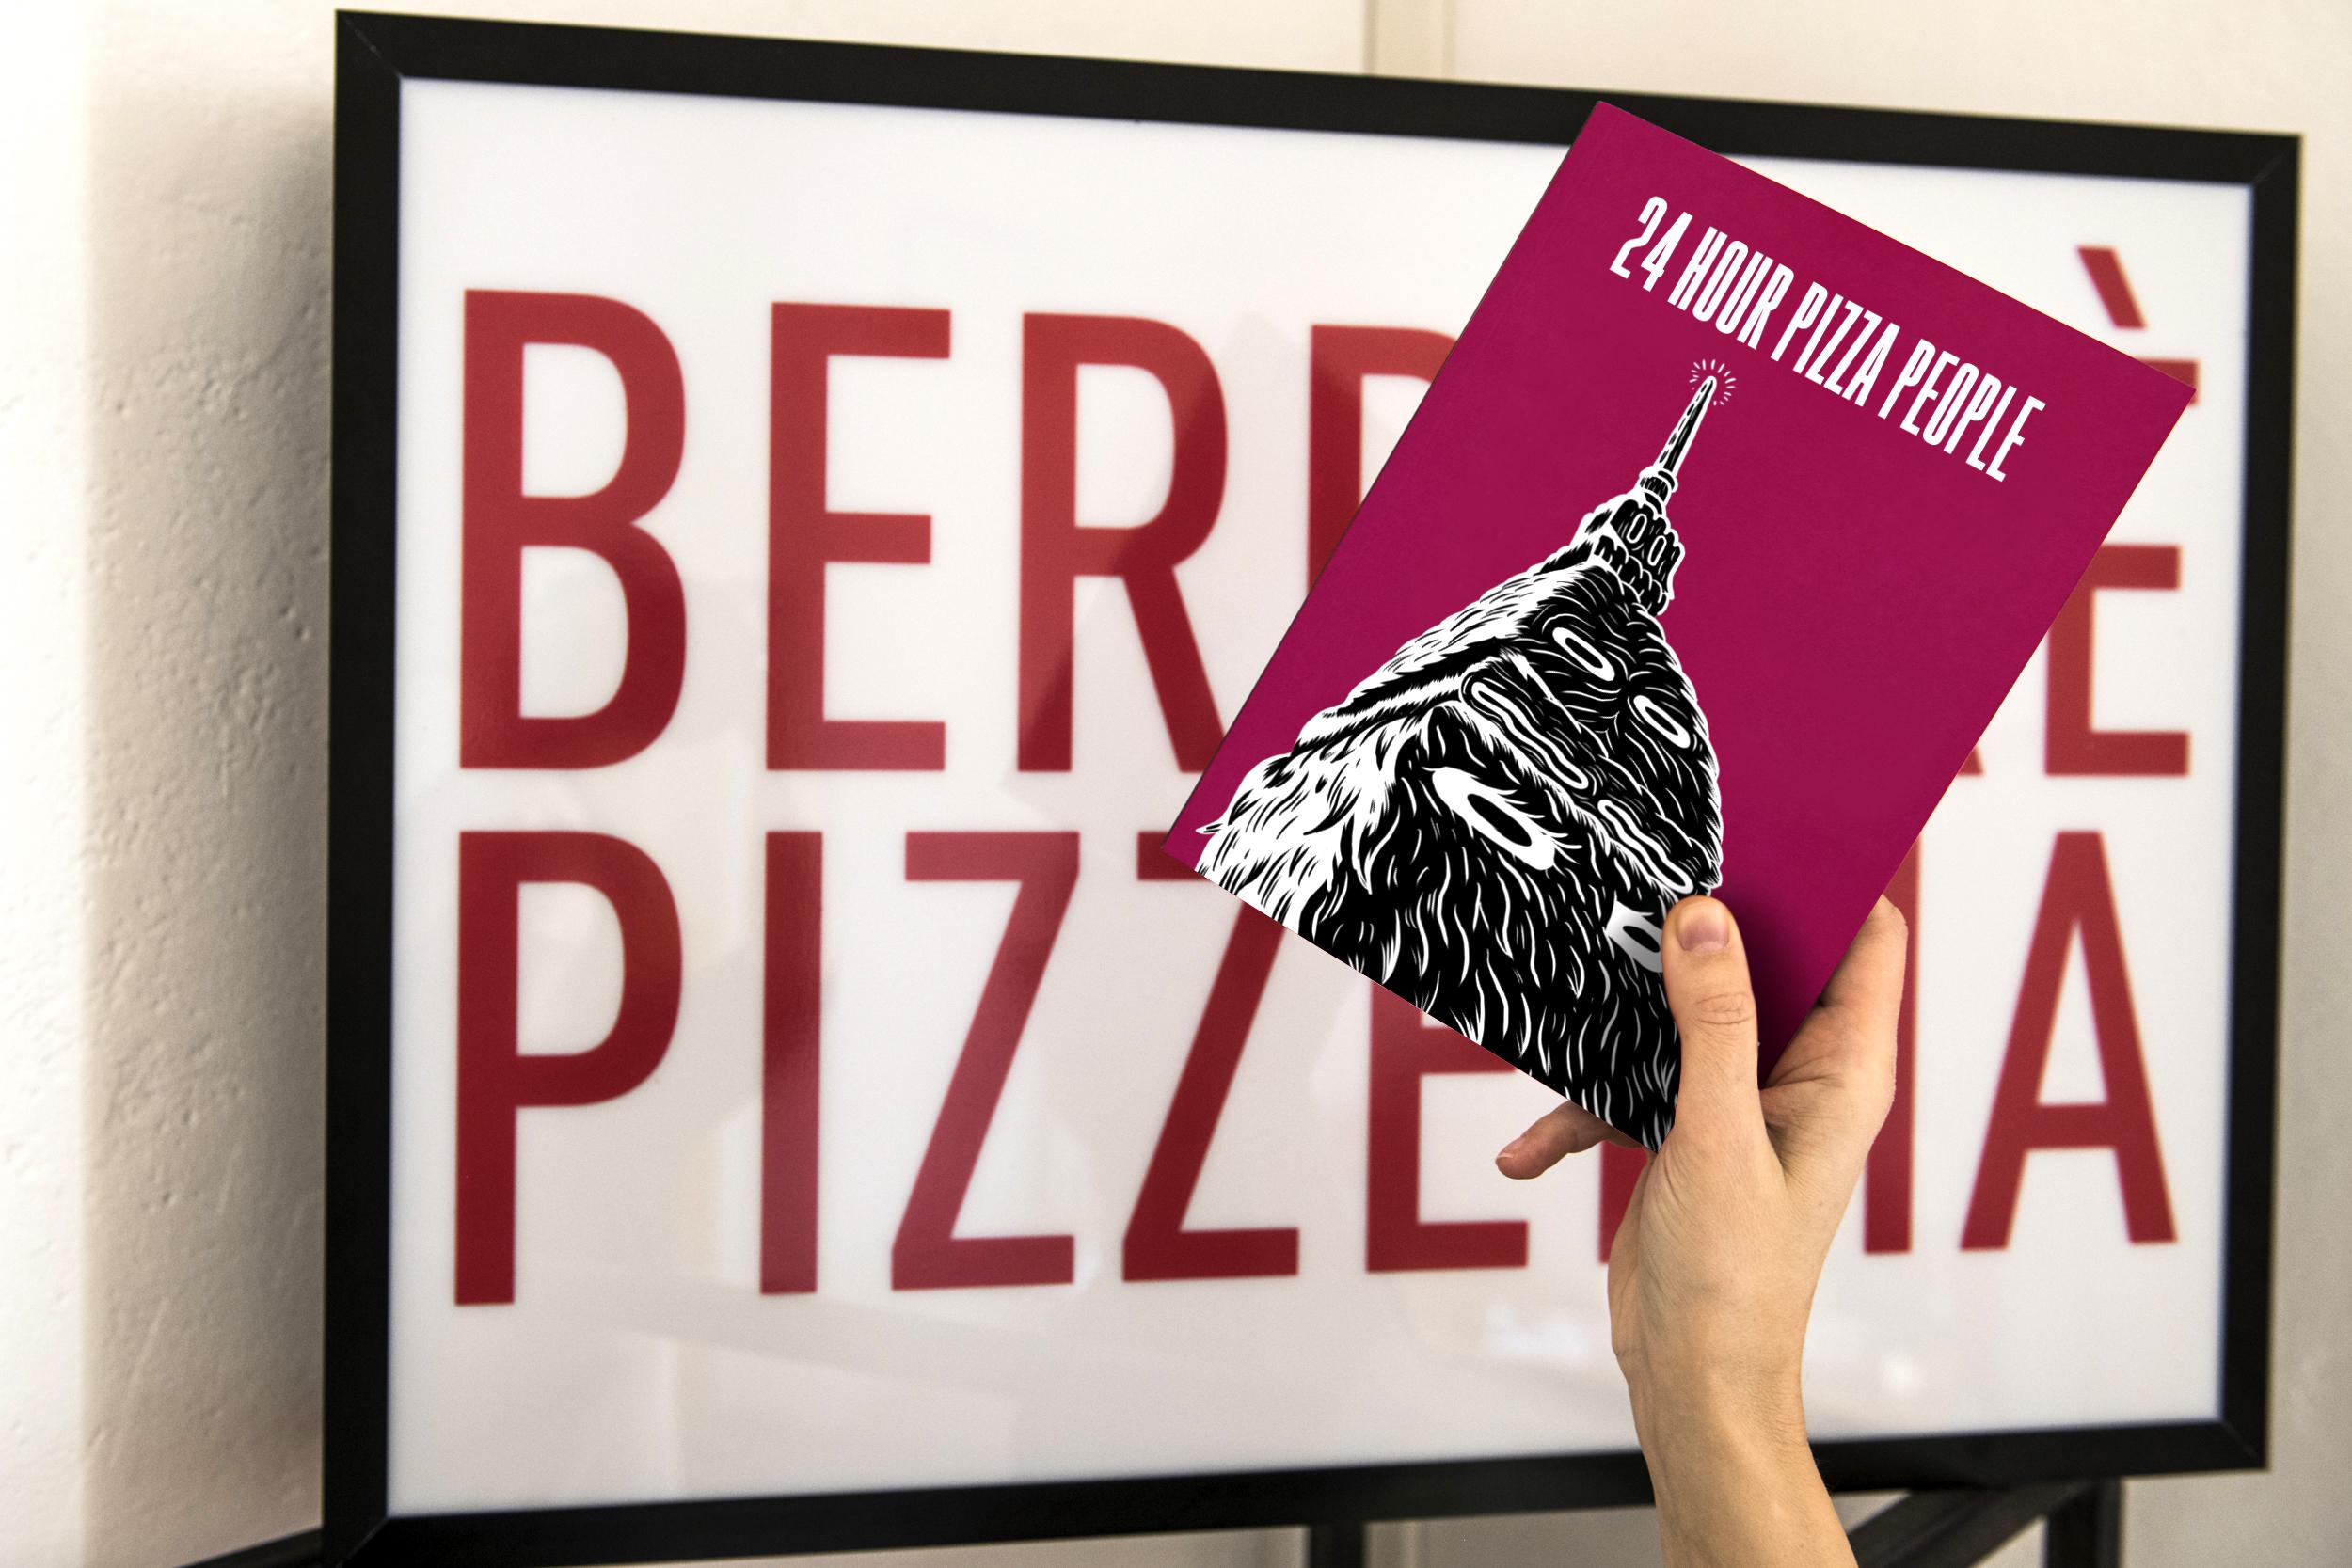 24 HOUR PIZZA PEOPLE  - MAGAZINE N°2  - TORINO - PREZZO SPECIALE 10 EURO (prezzo copertina 15 euro)